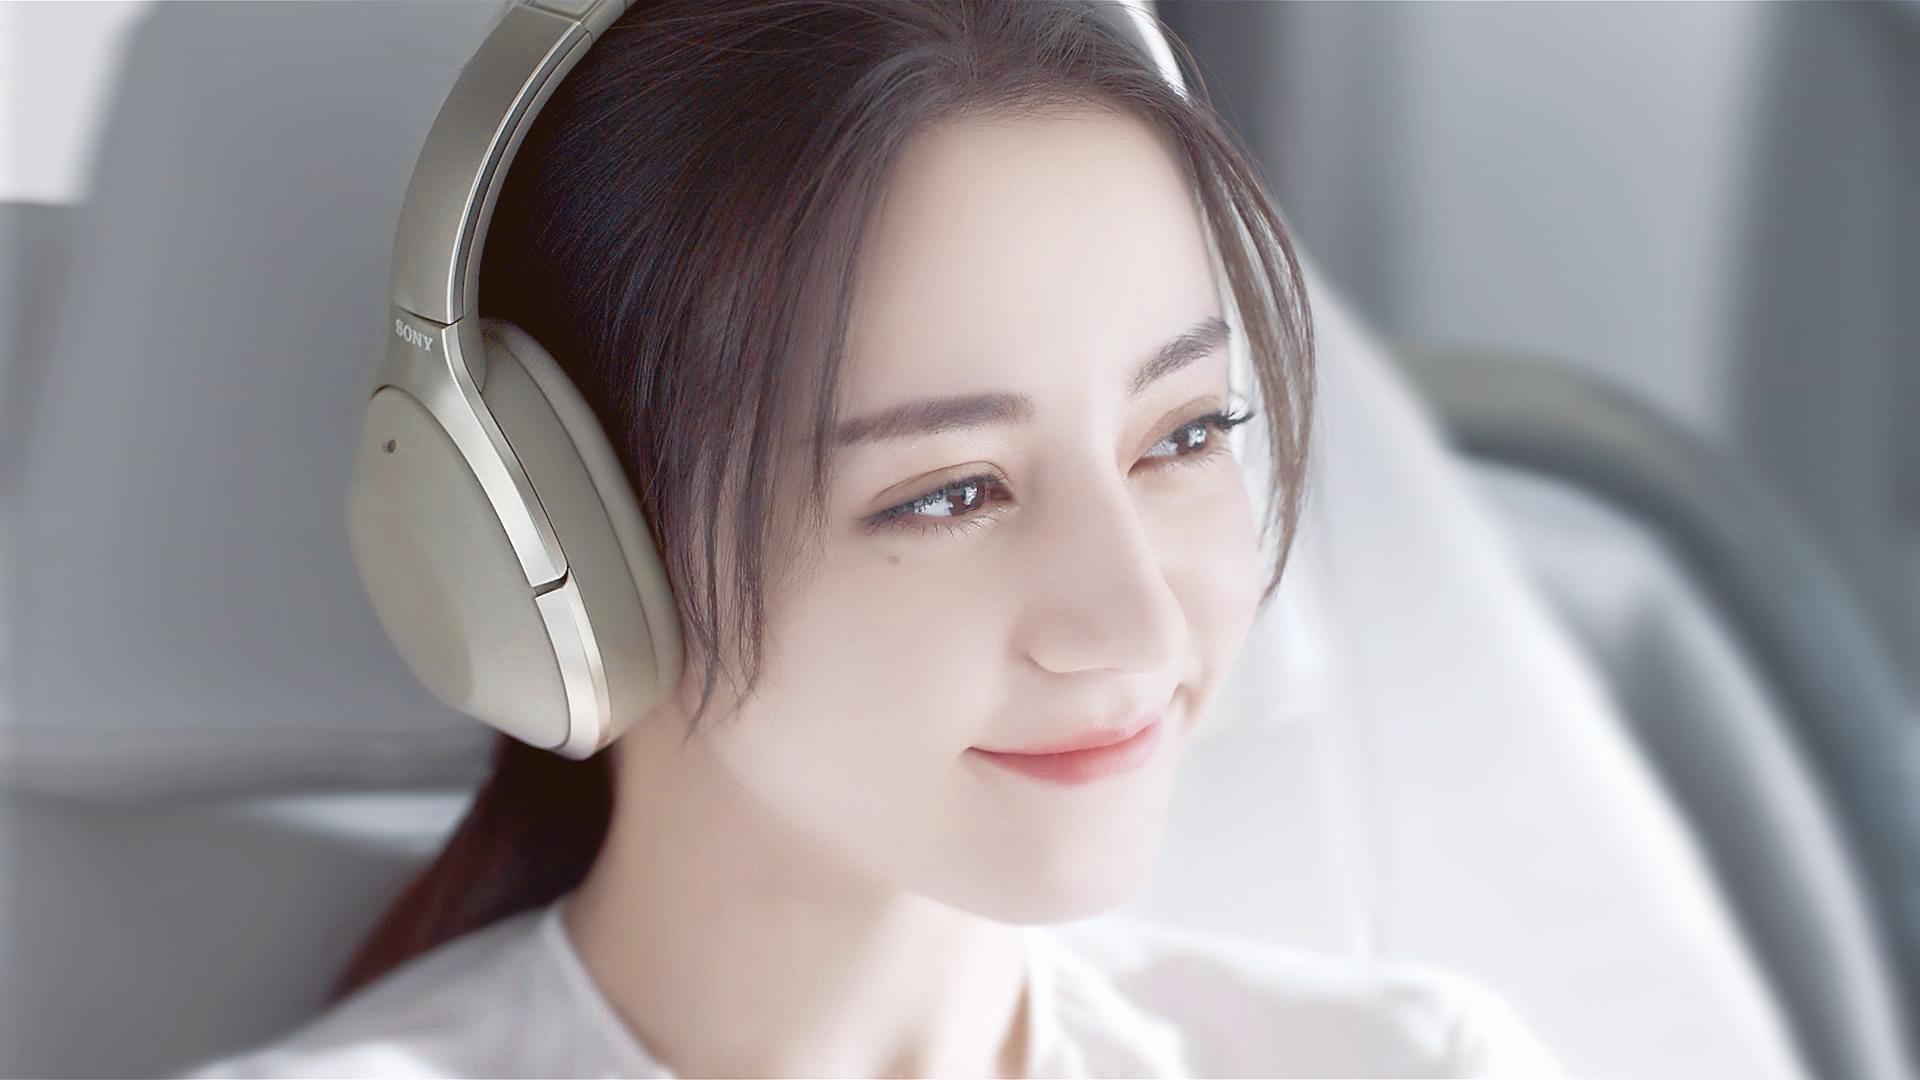 6 tai nghe chống ồn tốt nhất thị trường hiện nay - VnReview - Tin nóng